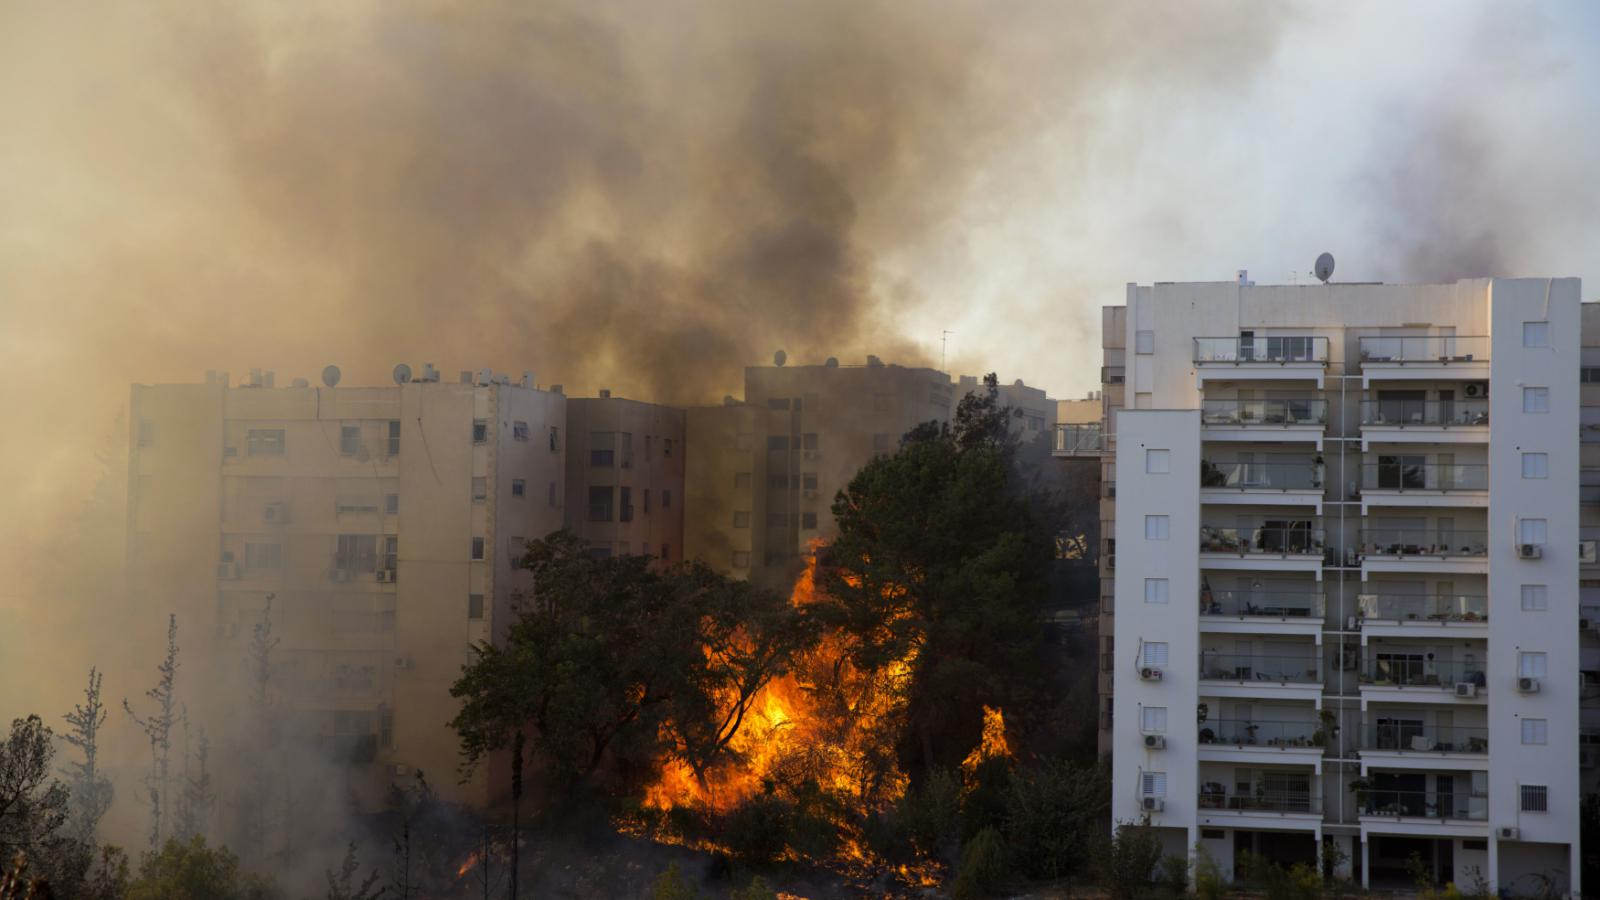 Požár zasáhl obytné čtvrti v Haifě